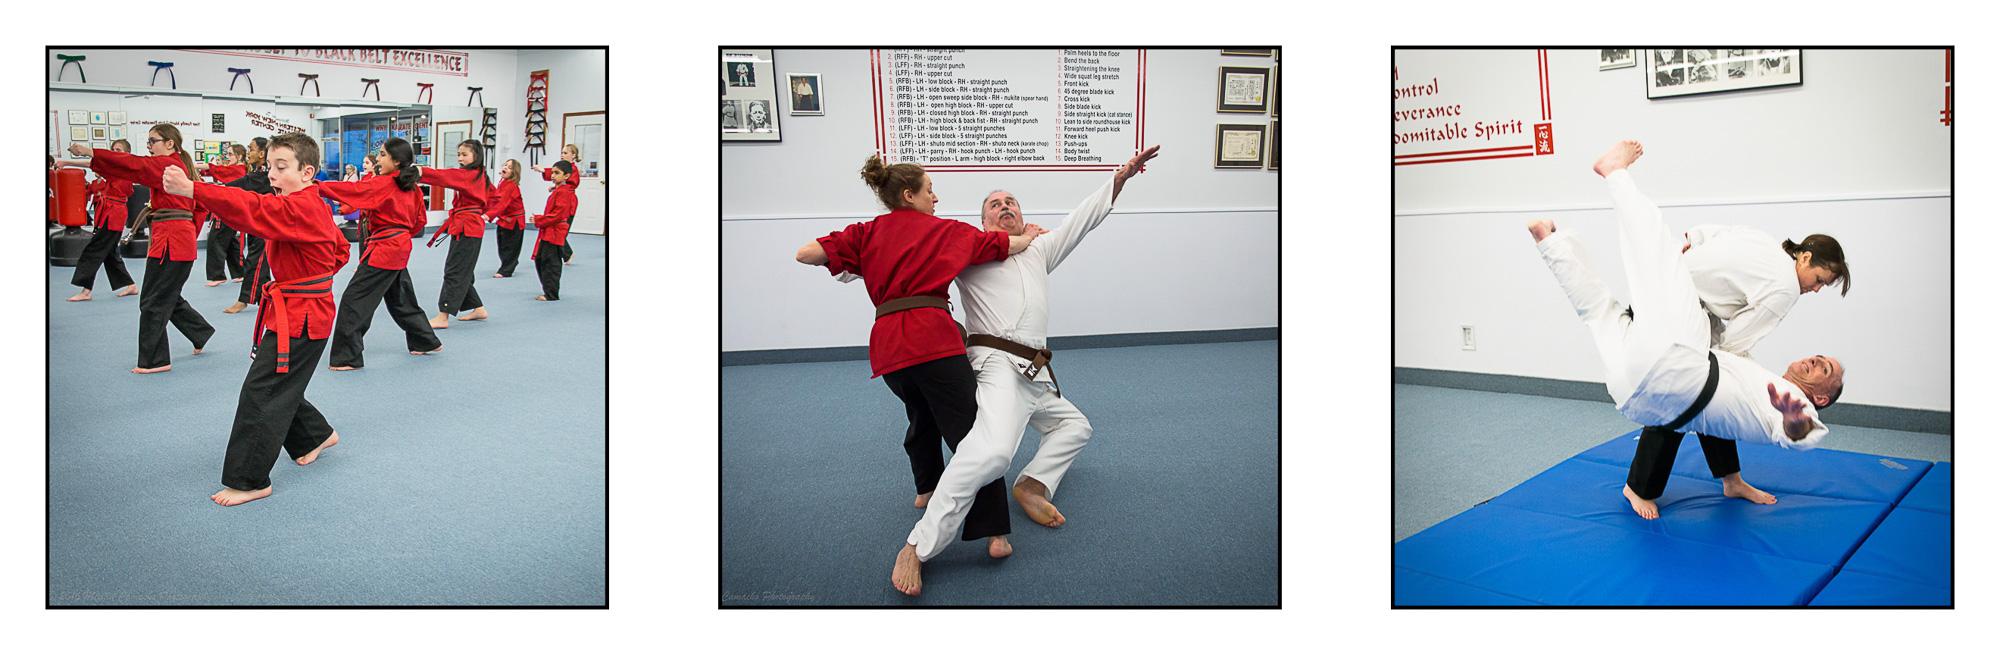 self-defenses techniques